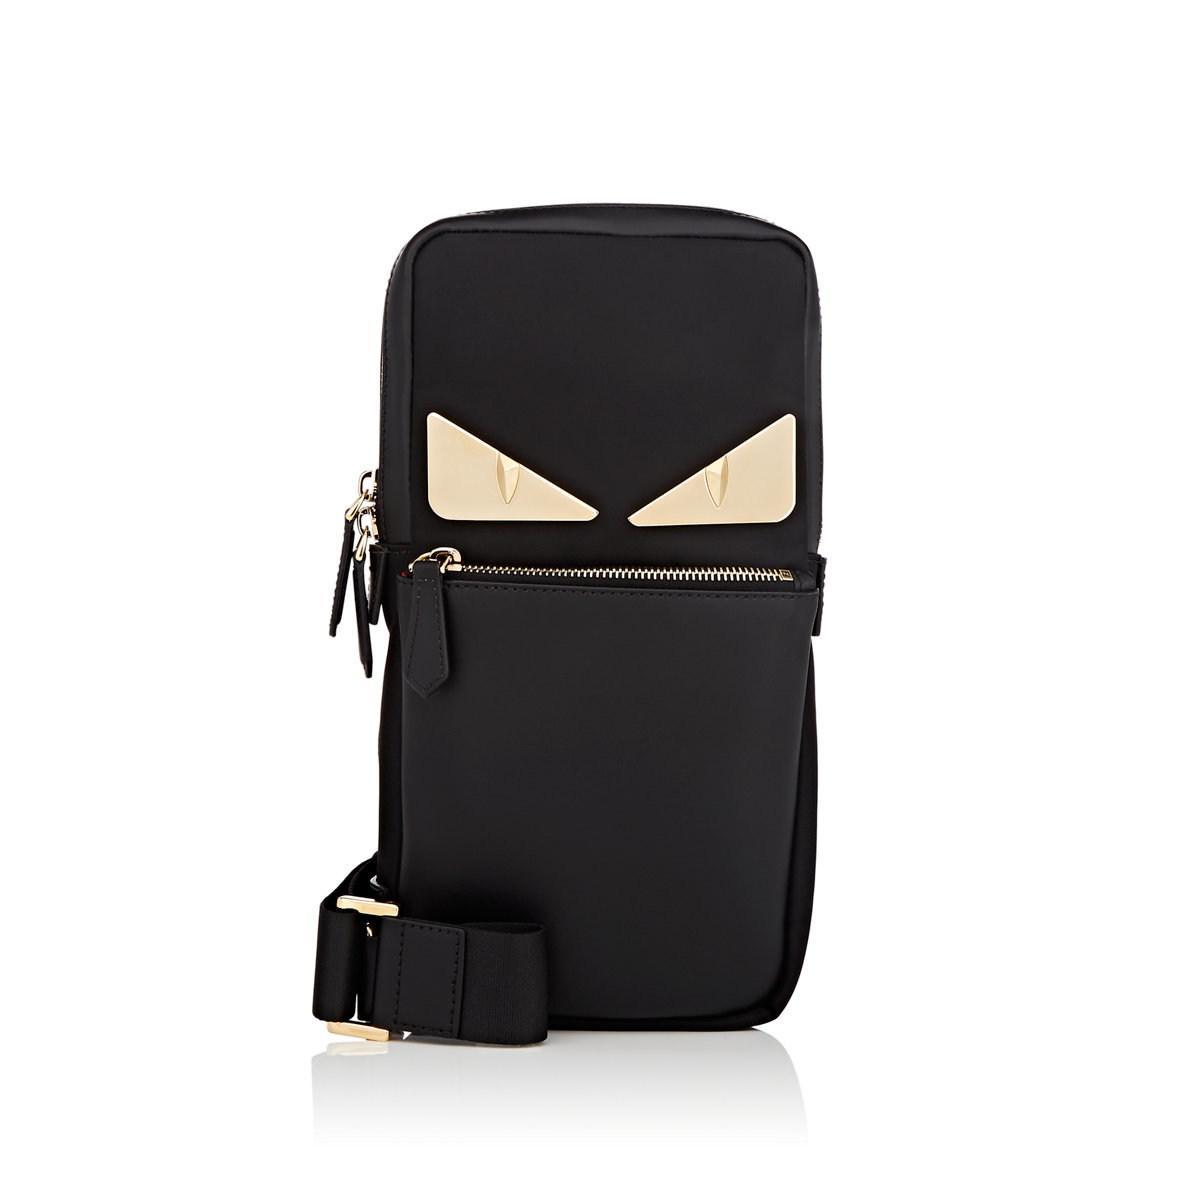 c981b38b35a3 Lyst - Fendi Bag Bugs Sling Messenger Bag in Black for Men